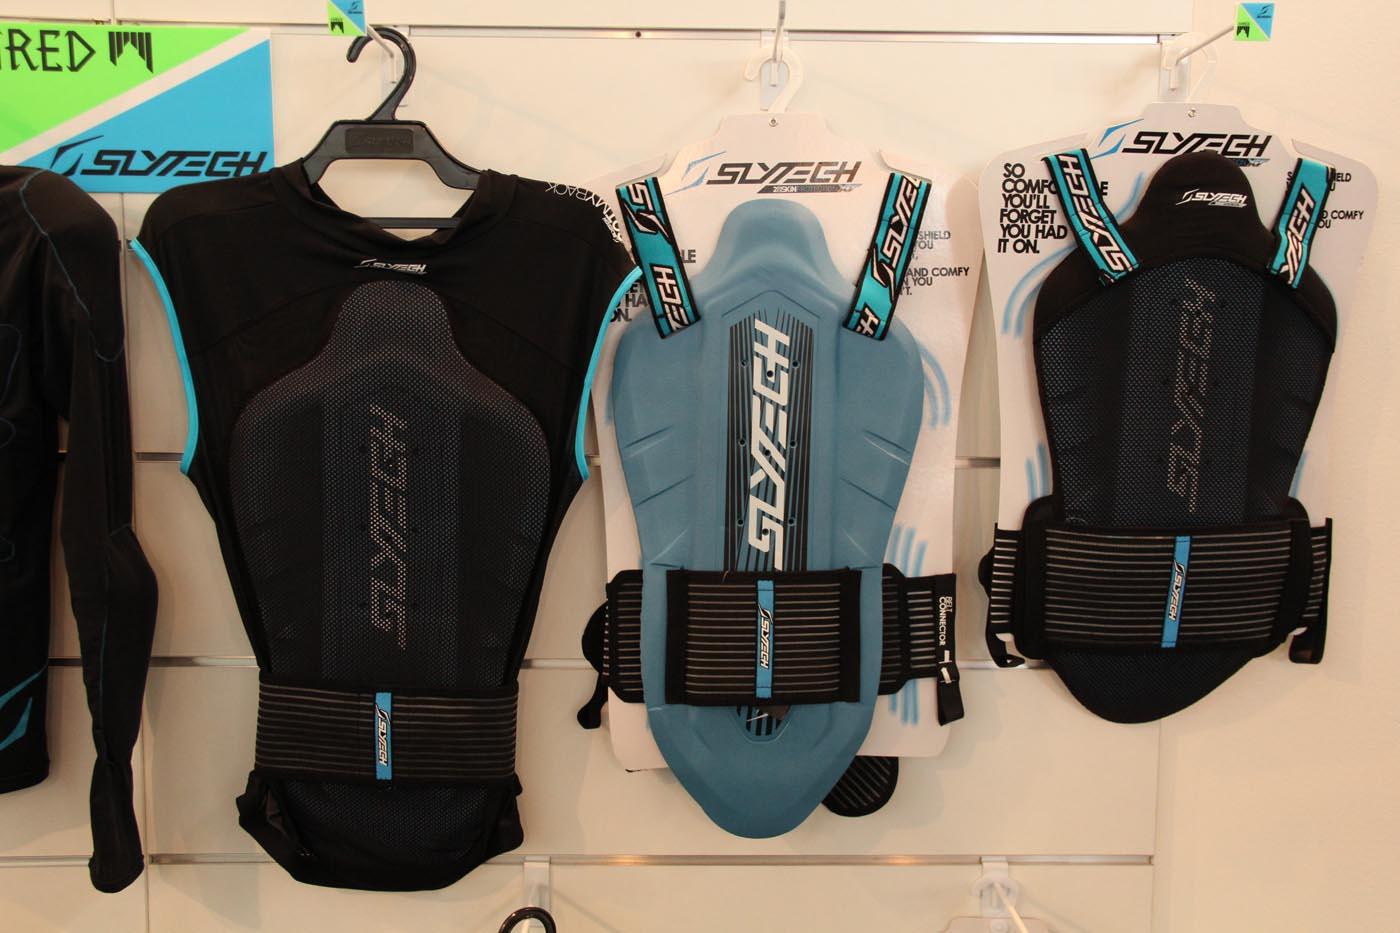 Die Schwestercompany von Shred, Slytech, präsentierte ebenfalls eine große Range an Protektoren, die ursprünglich aus dem Bereich Snowboard kommen.